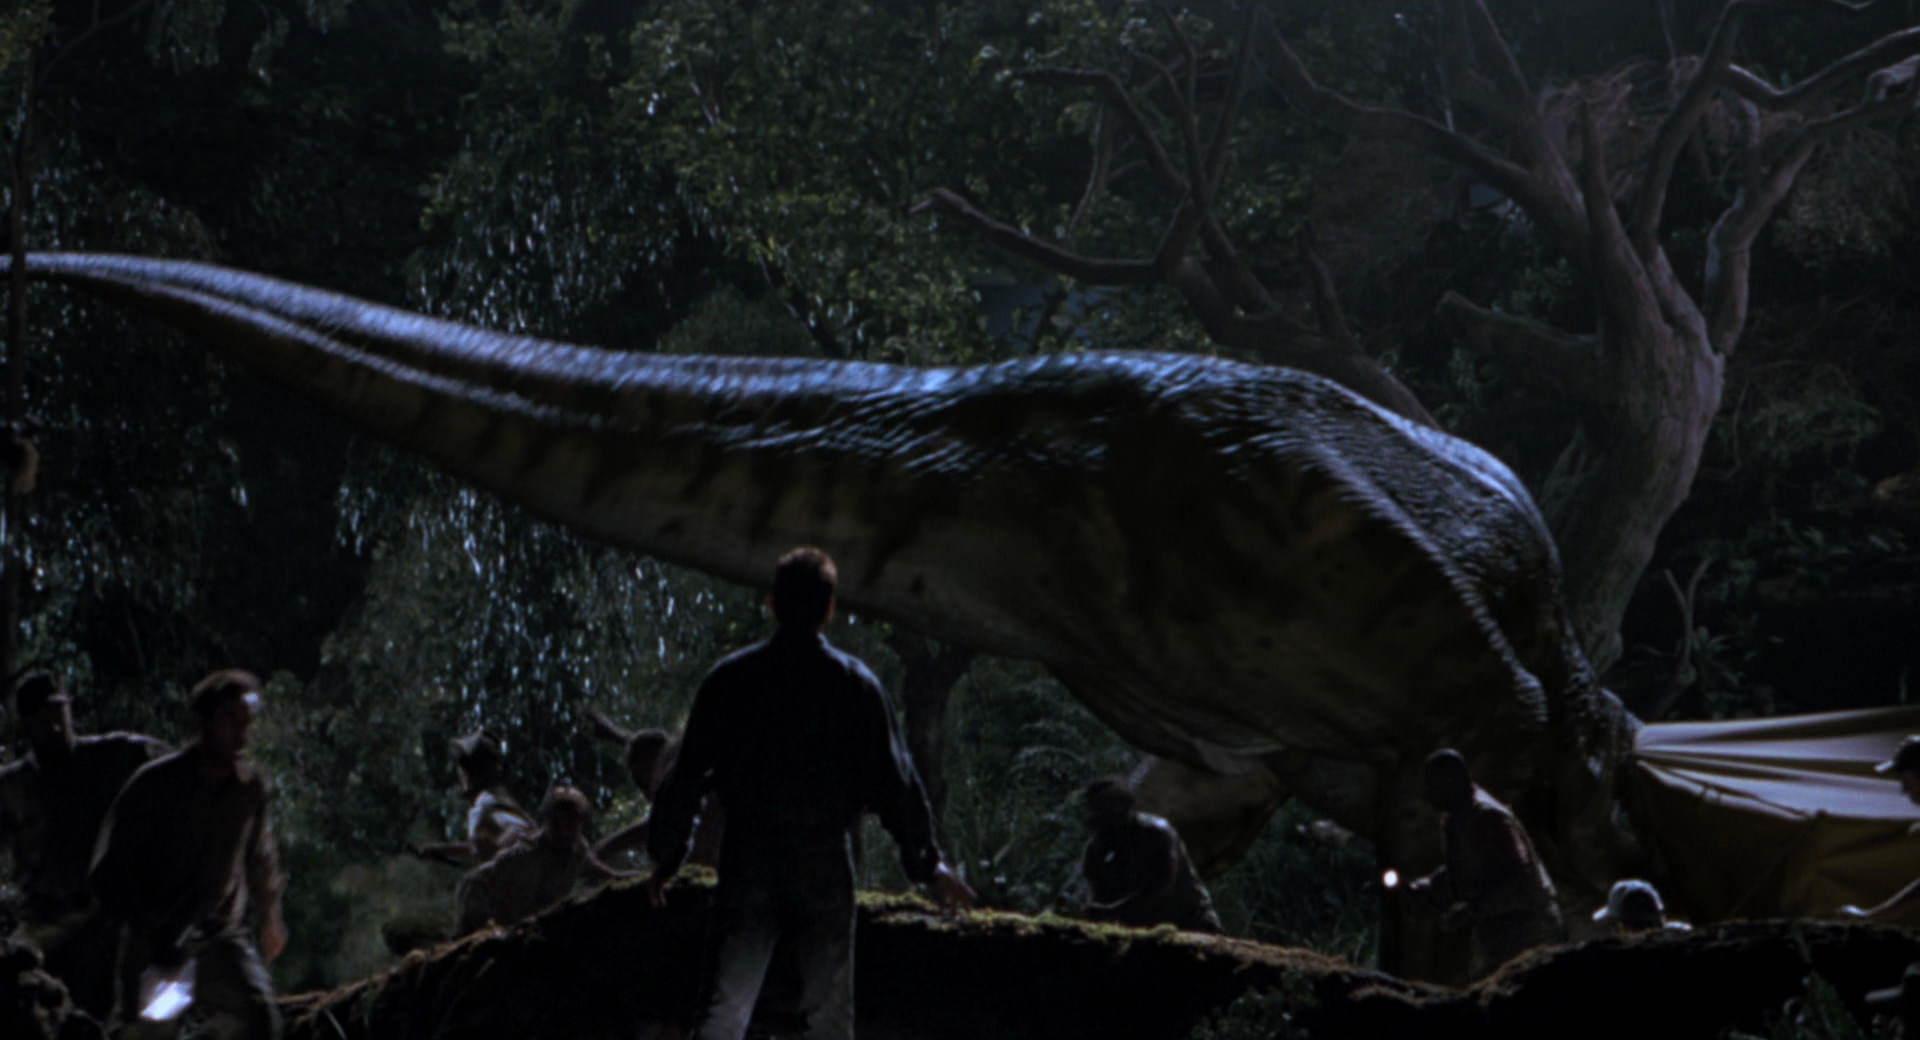 The Lost World Jurassic Park Screencaps are here Jurassic-lost-world-movie-screencaps.com-9869